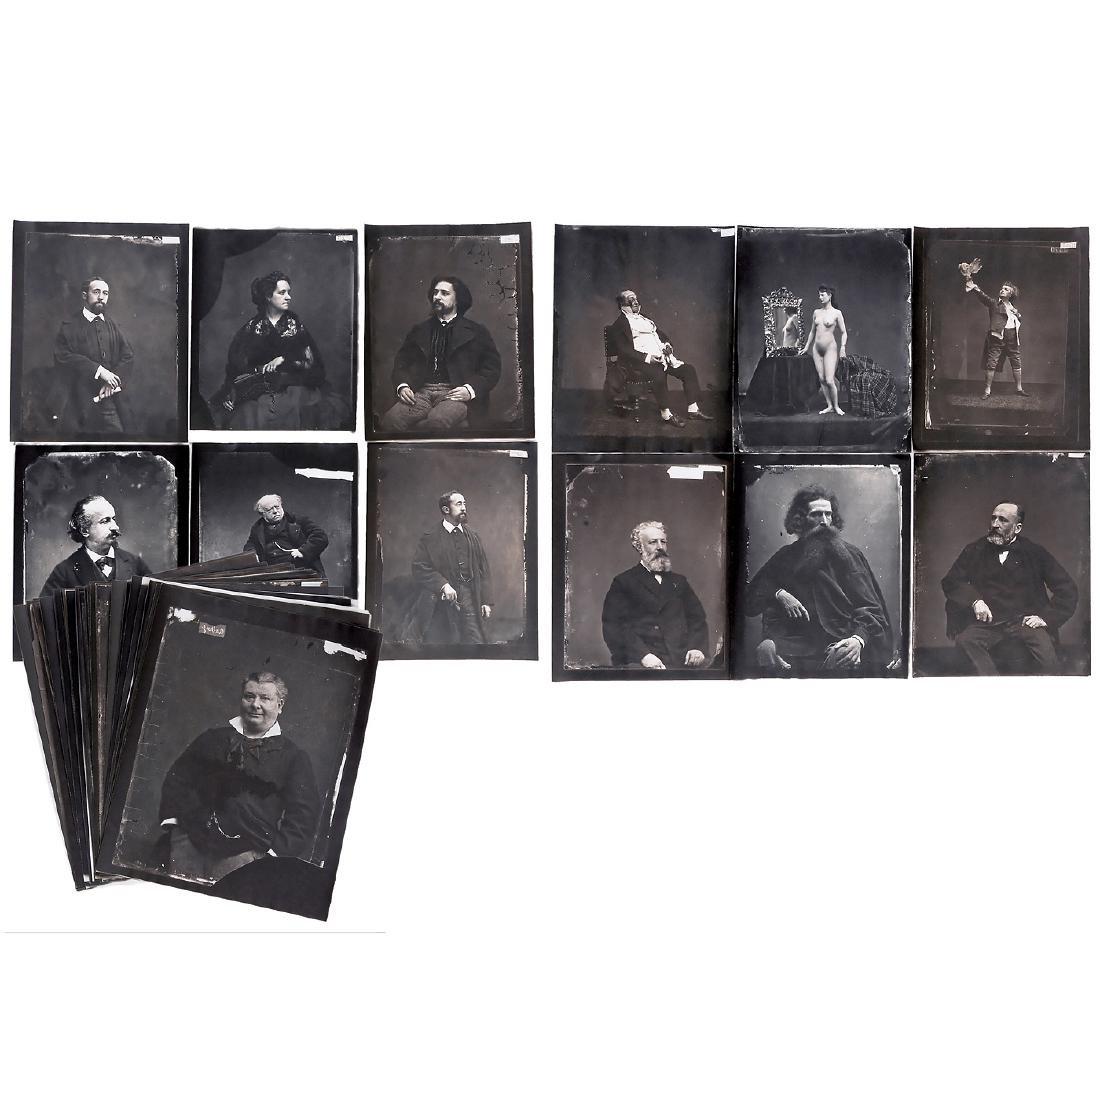 28 Copies of Carjat Glass Plates